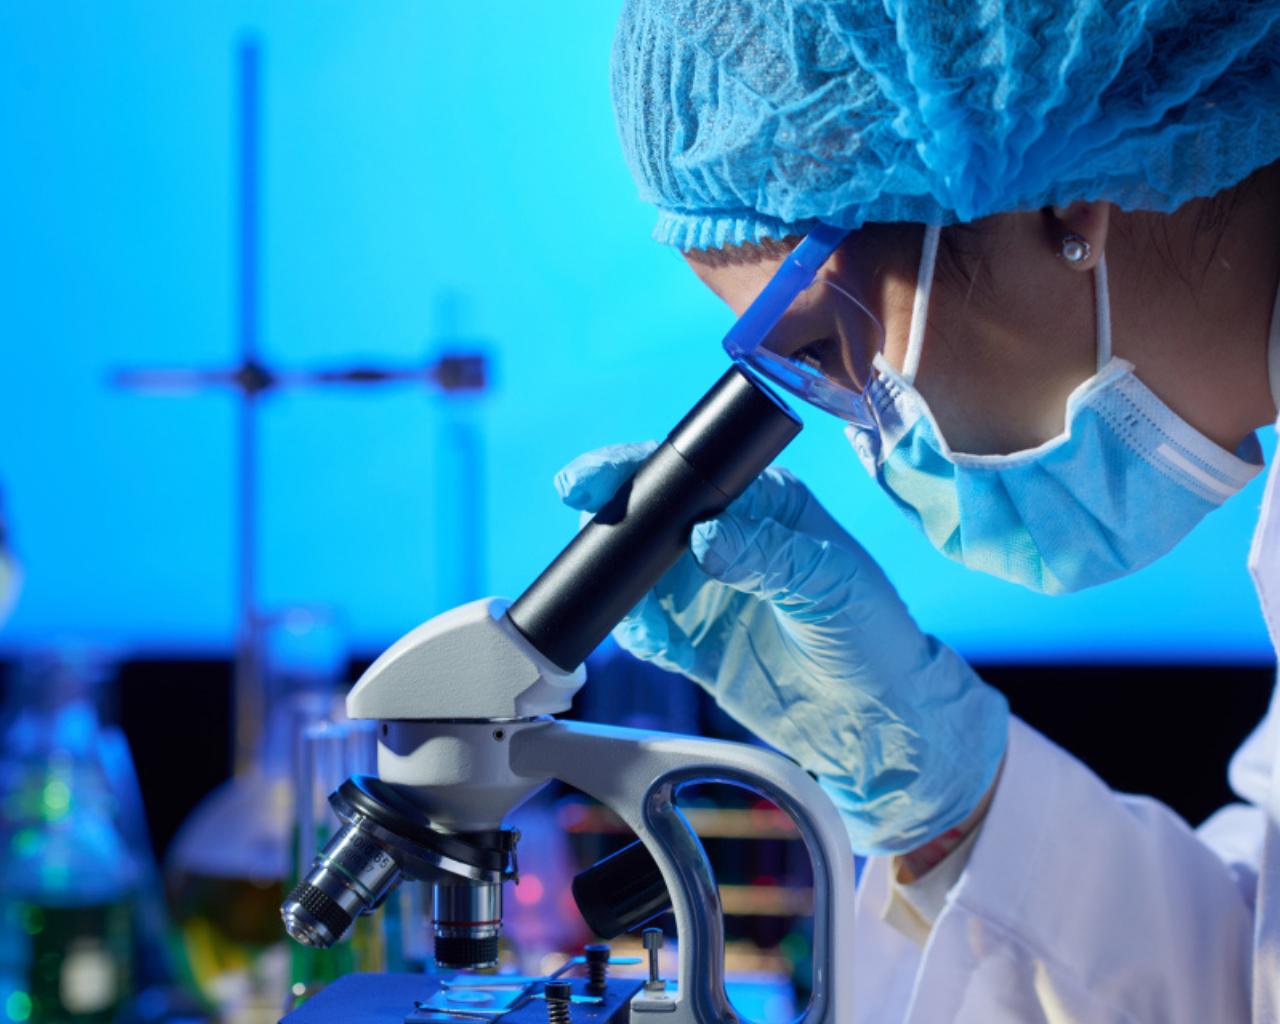 Doctorado en Ciencias Biomédicas recibió 5 años de acreditación